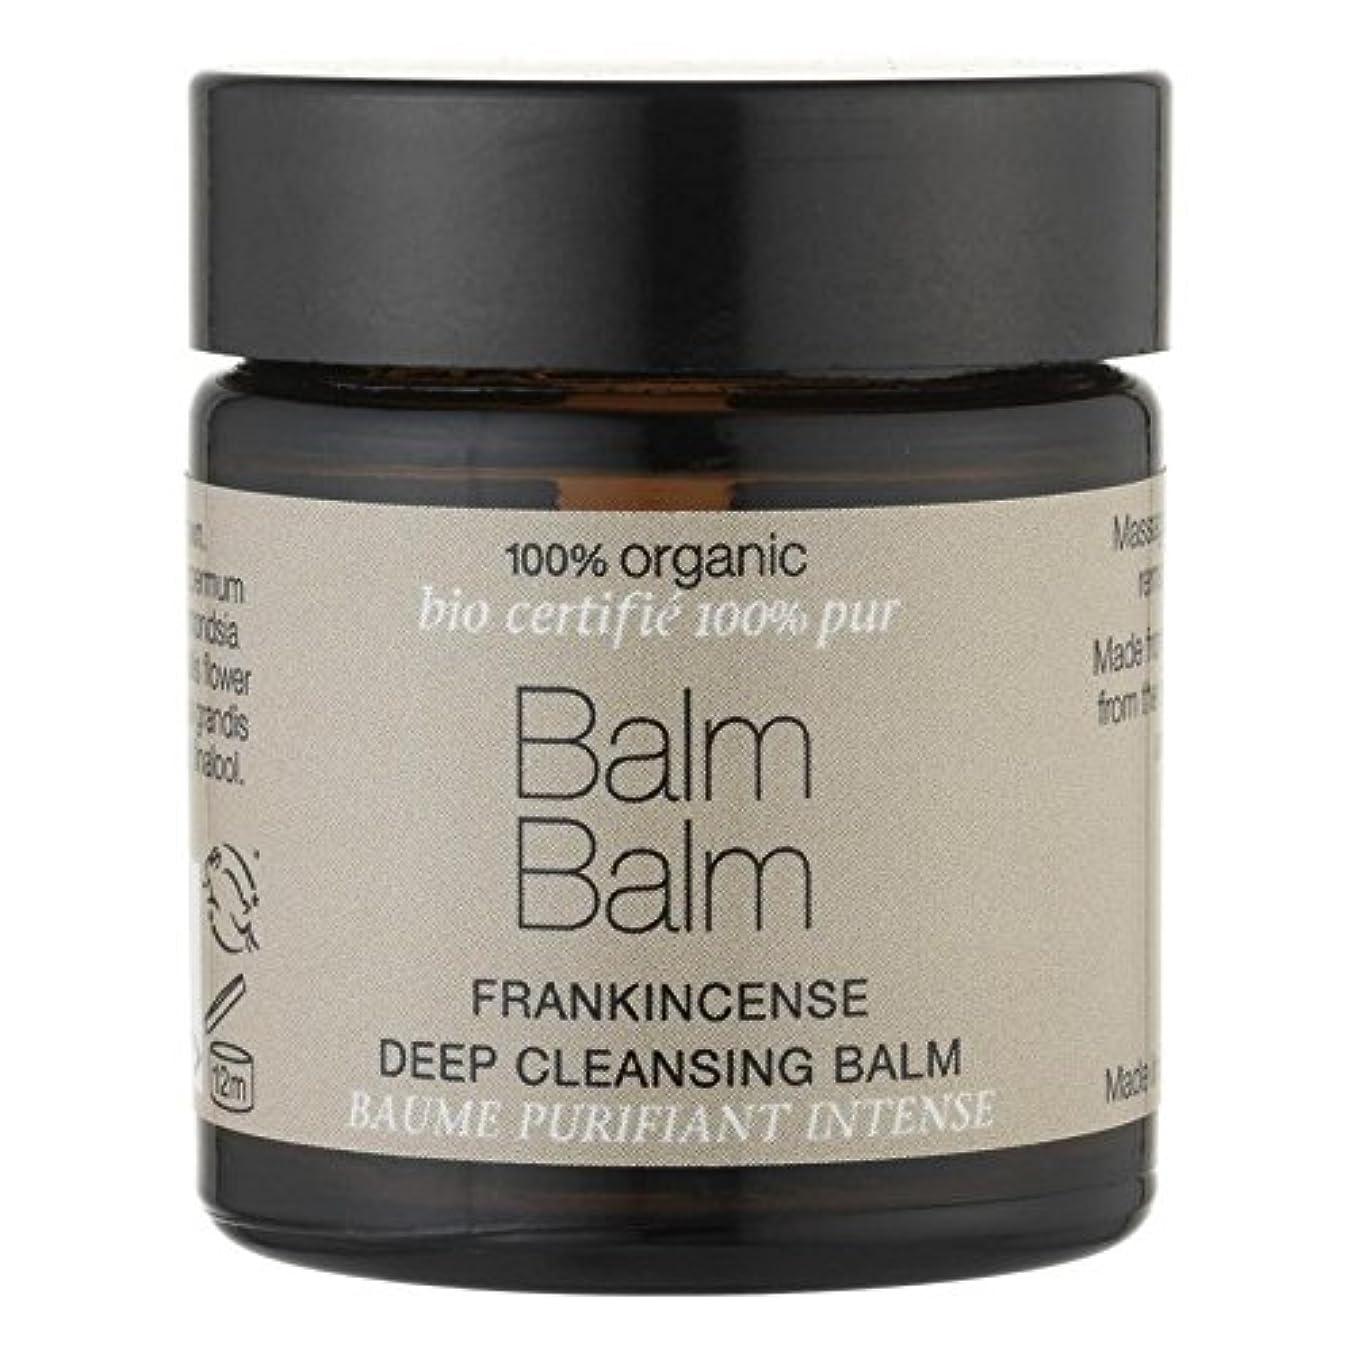 プログレッシブ微生物適応バームバーム乳香有機ディープクレンジングクリーム30ミリリットル x2 - Balm Balm Frankincense Organic Deep Cleansing Balm 30ml (Pack of 2) [並行輸入品]